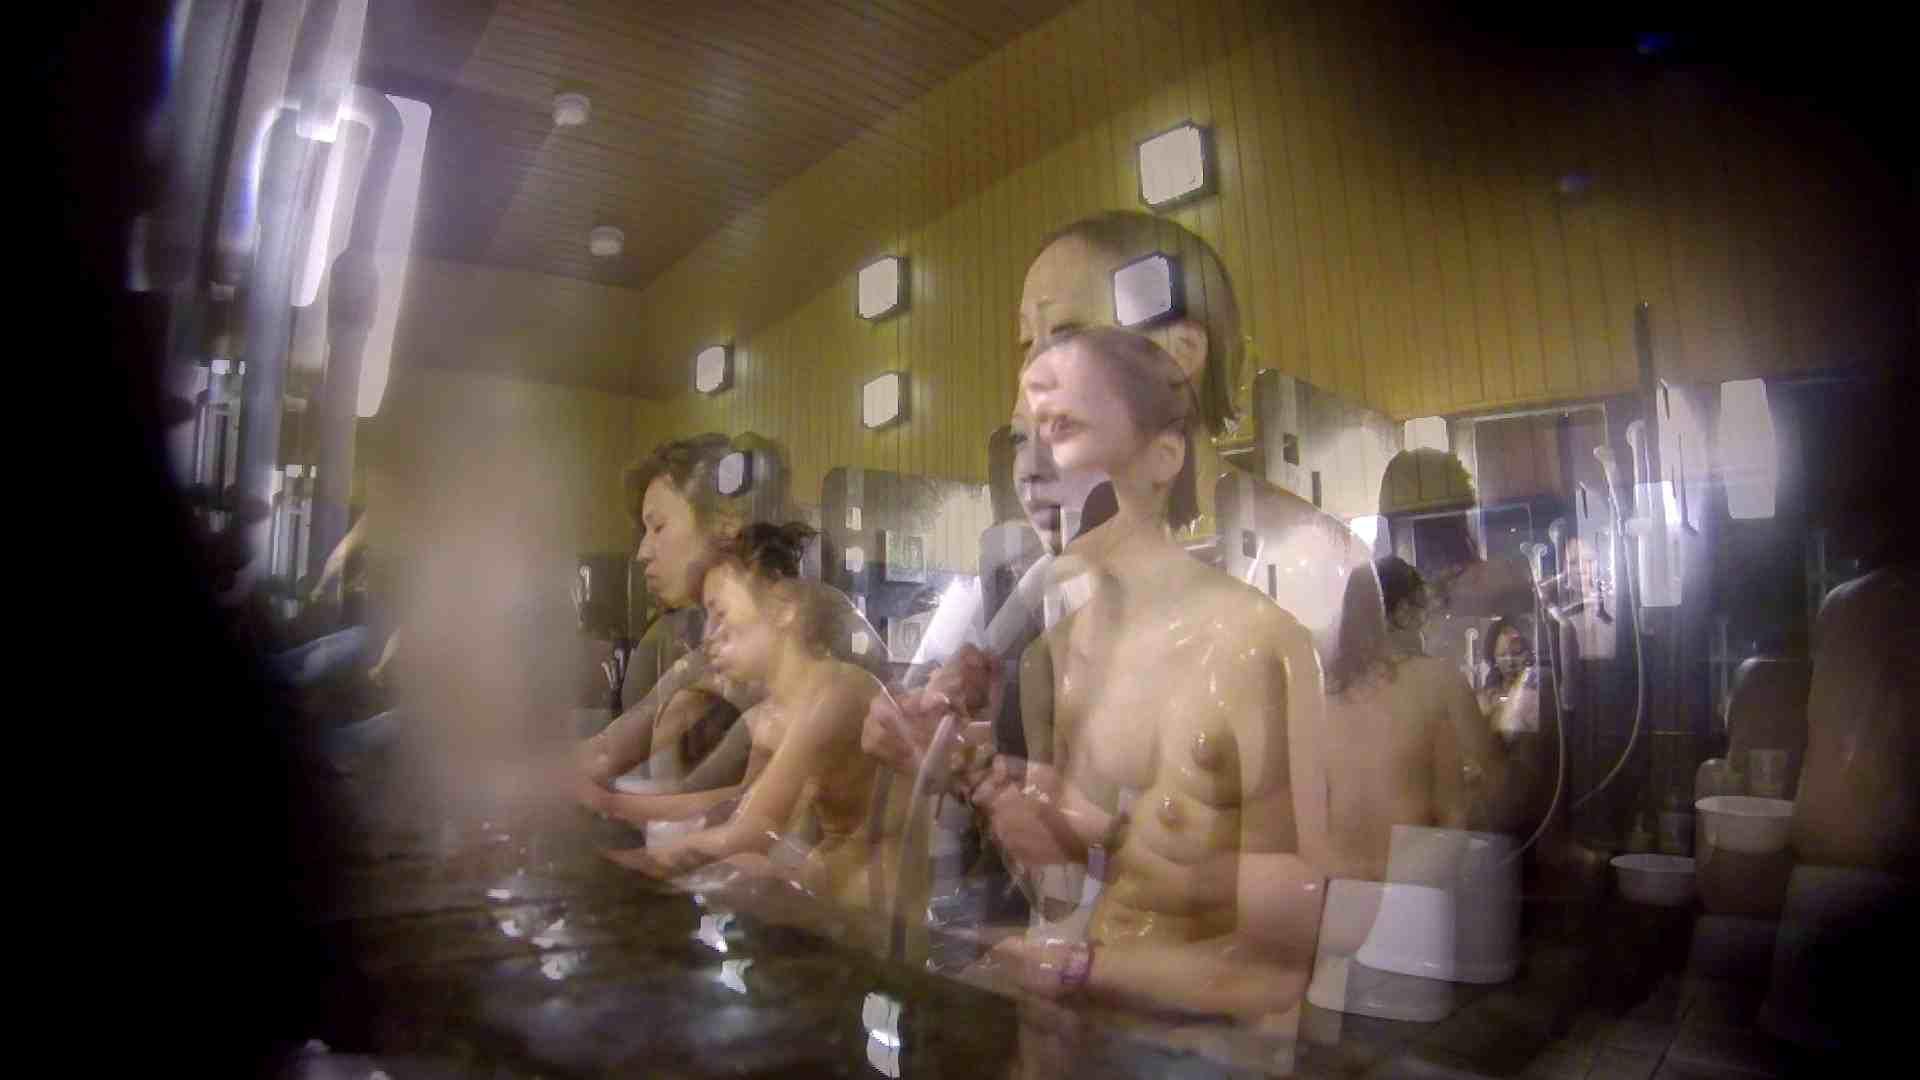 追い撮り!きゃぴきゃぴカワイイ2人組。終始楽しそうに笑顔。 潜入   細身女性  97画像 89